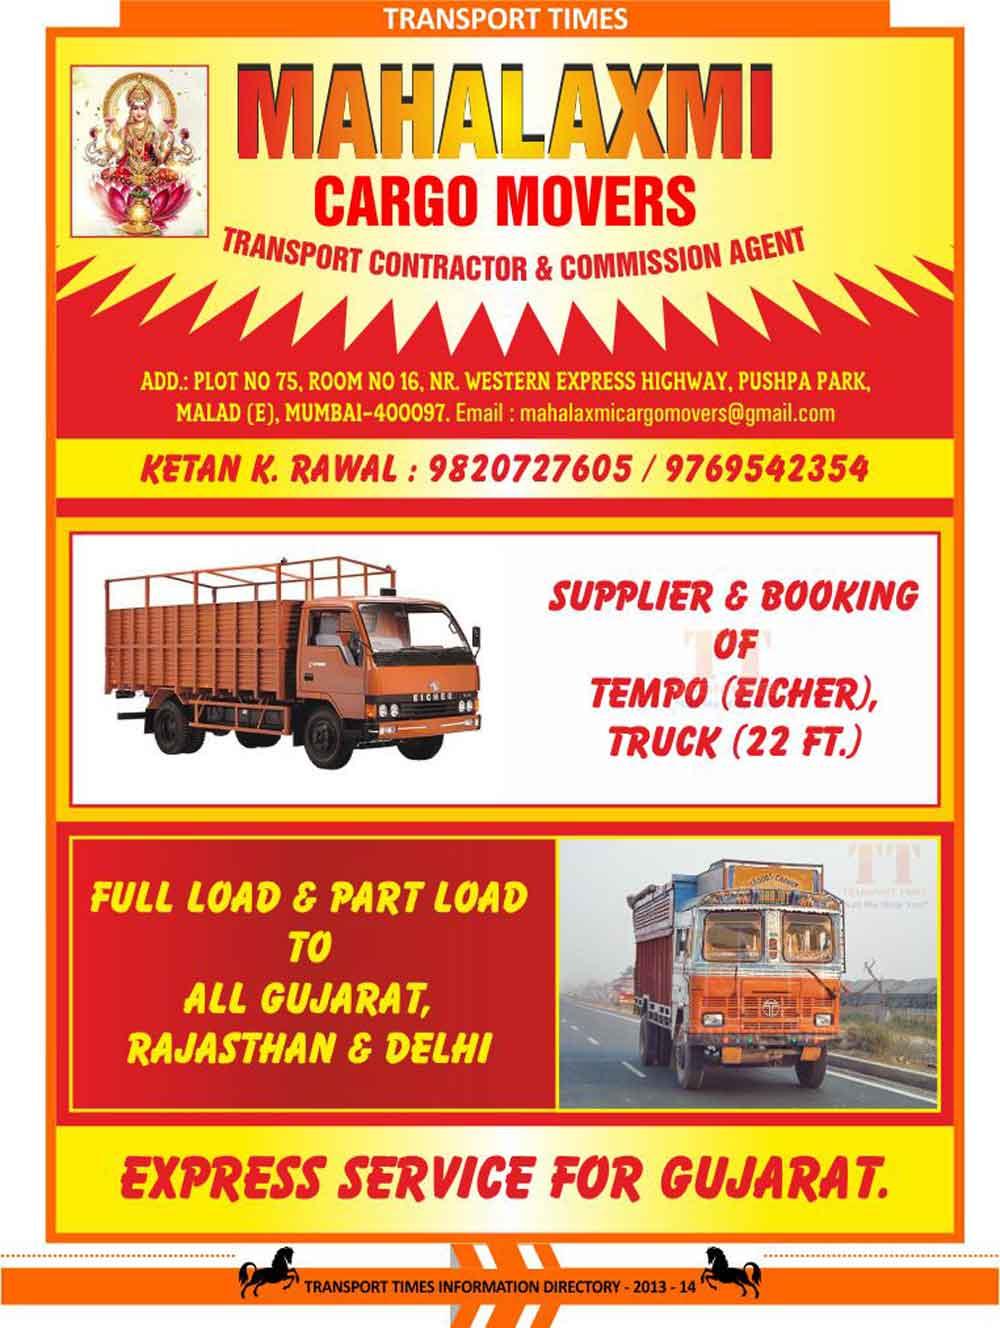 Mahalaxmi Cargo Movers